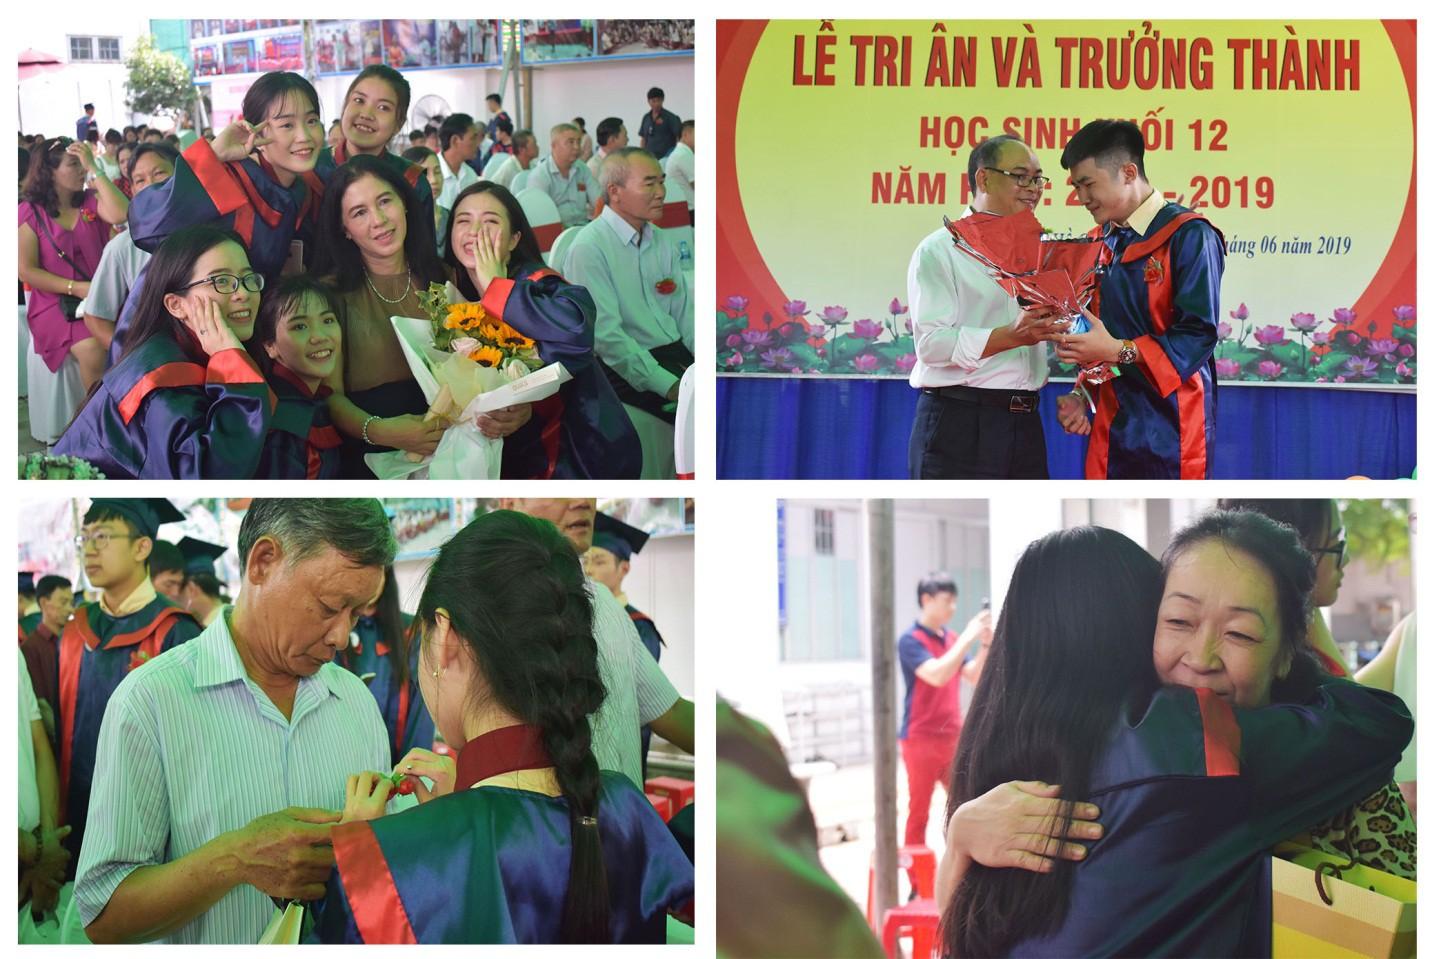 Nước mắt xen lẫn niềm vui trong lễ tri ân và trưởng thành của teen Mỹ Việt - Ảnh 8.